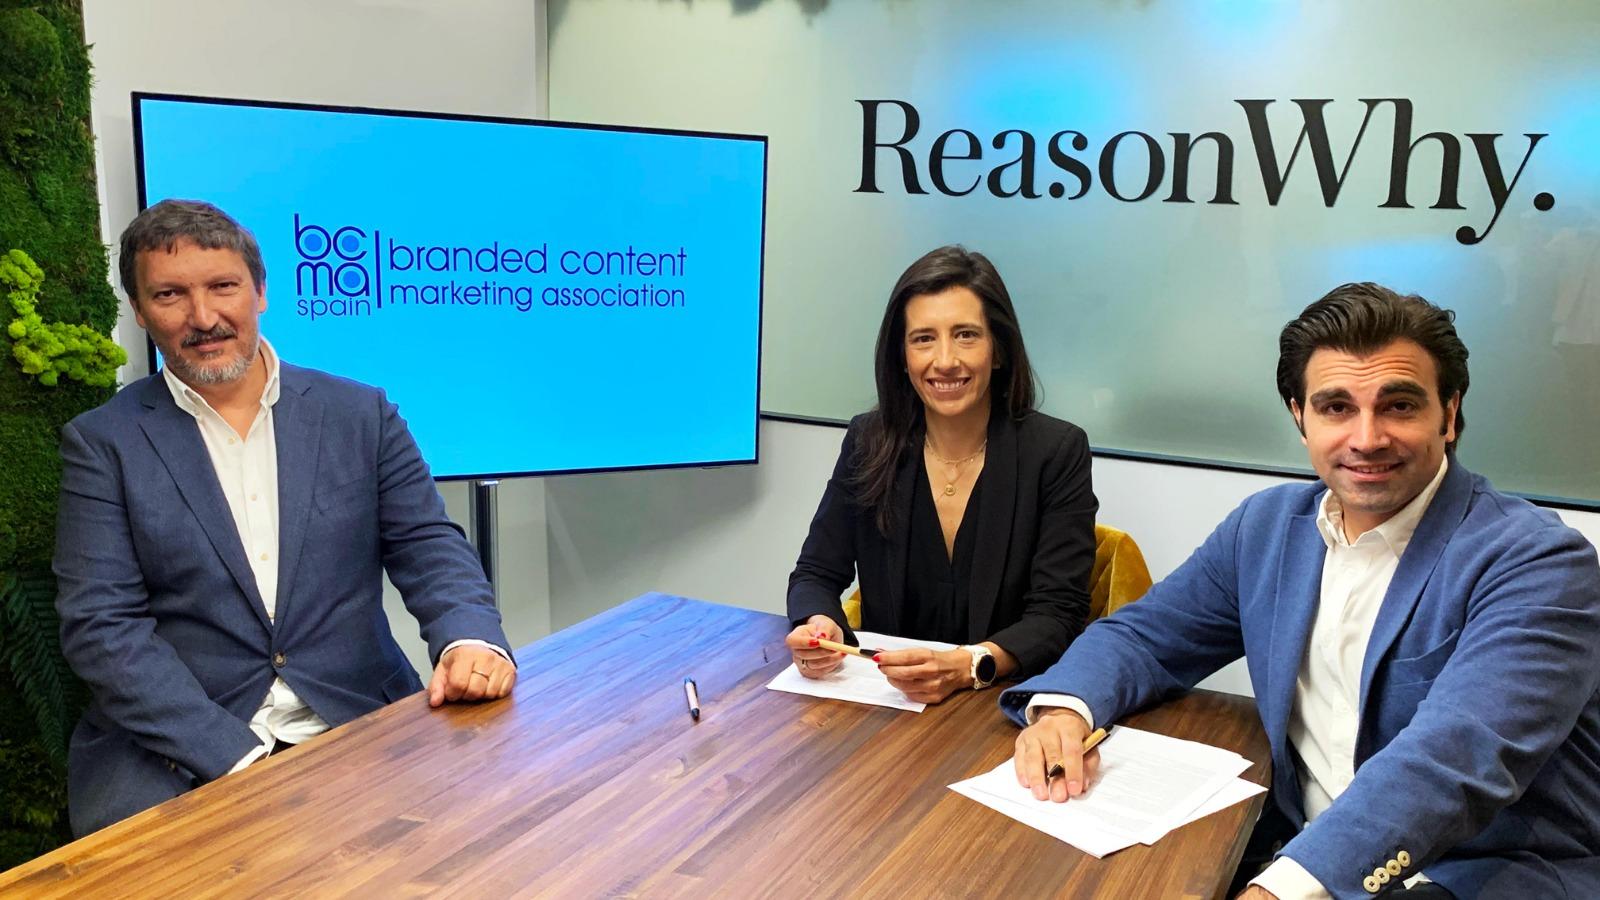 De dcha a izda: Pablo Muñóz, VP Ejecutivo de BCMA, Cristina Barbosa, Presidente de nuestra Asociación y Javier Guadiana, CEO&Founder de Reason Why